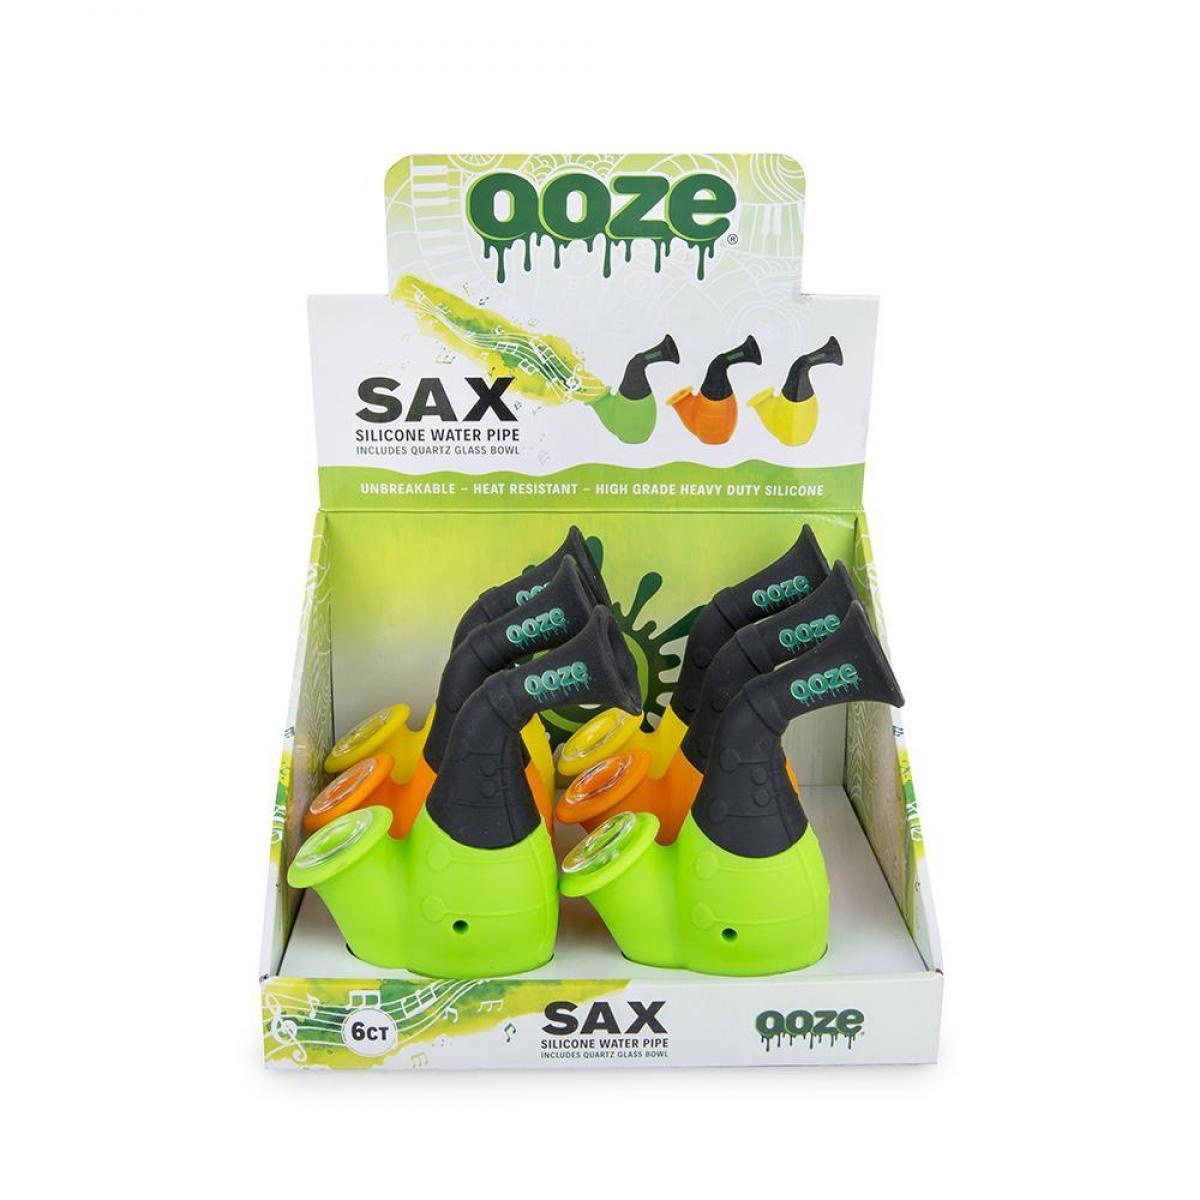 SAX Silicone Water Pipe + Quartz Bowl - 6ct